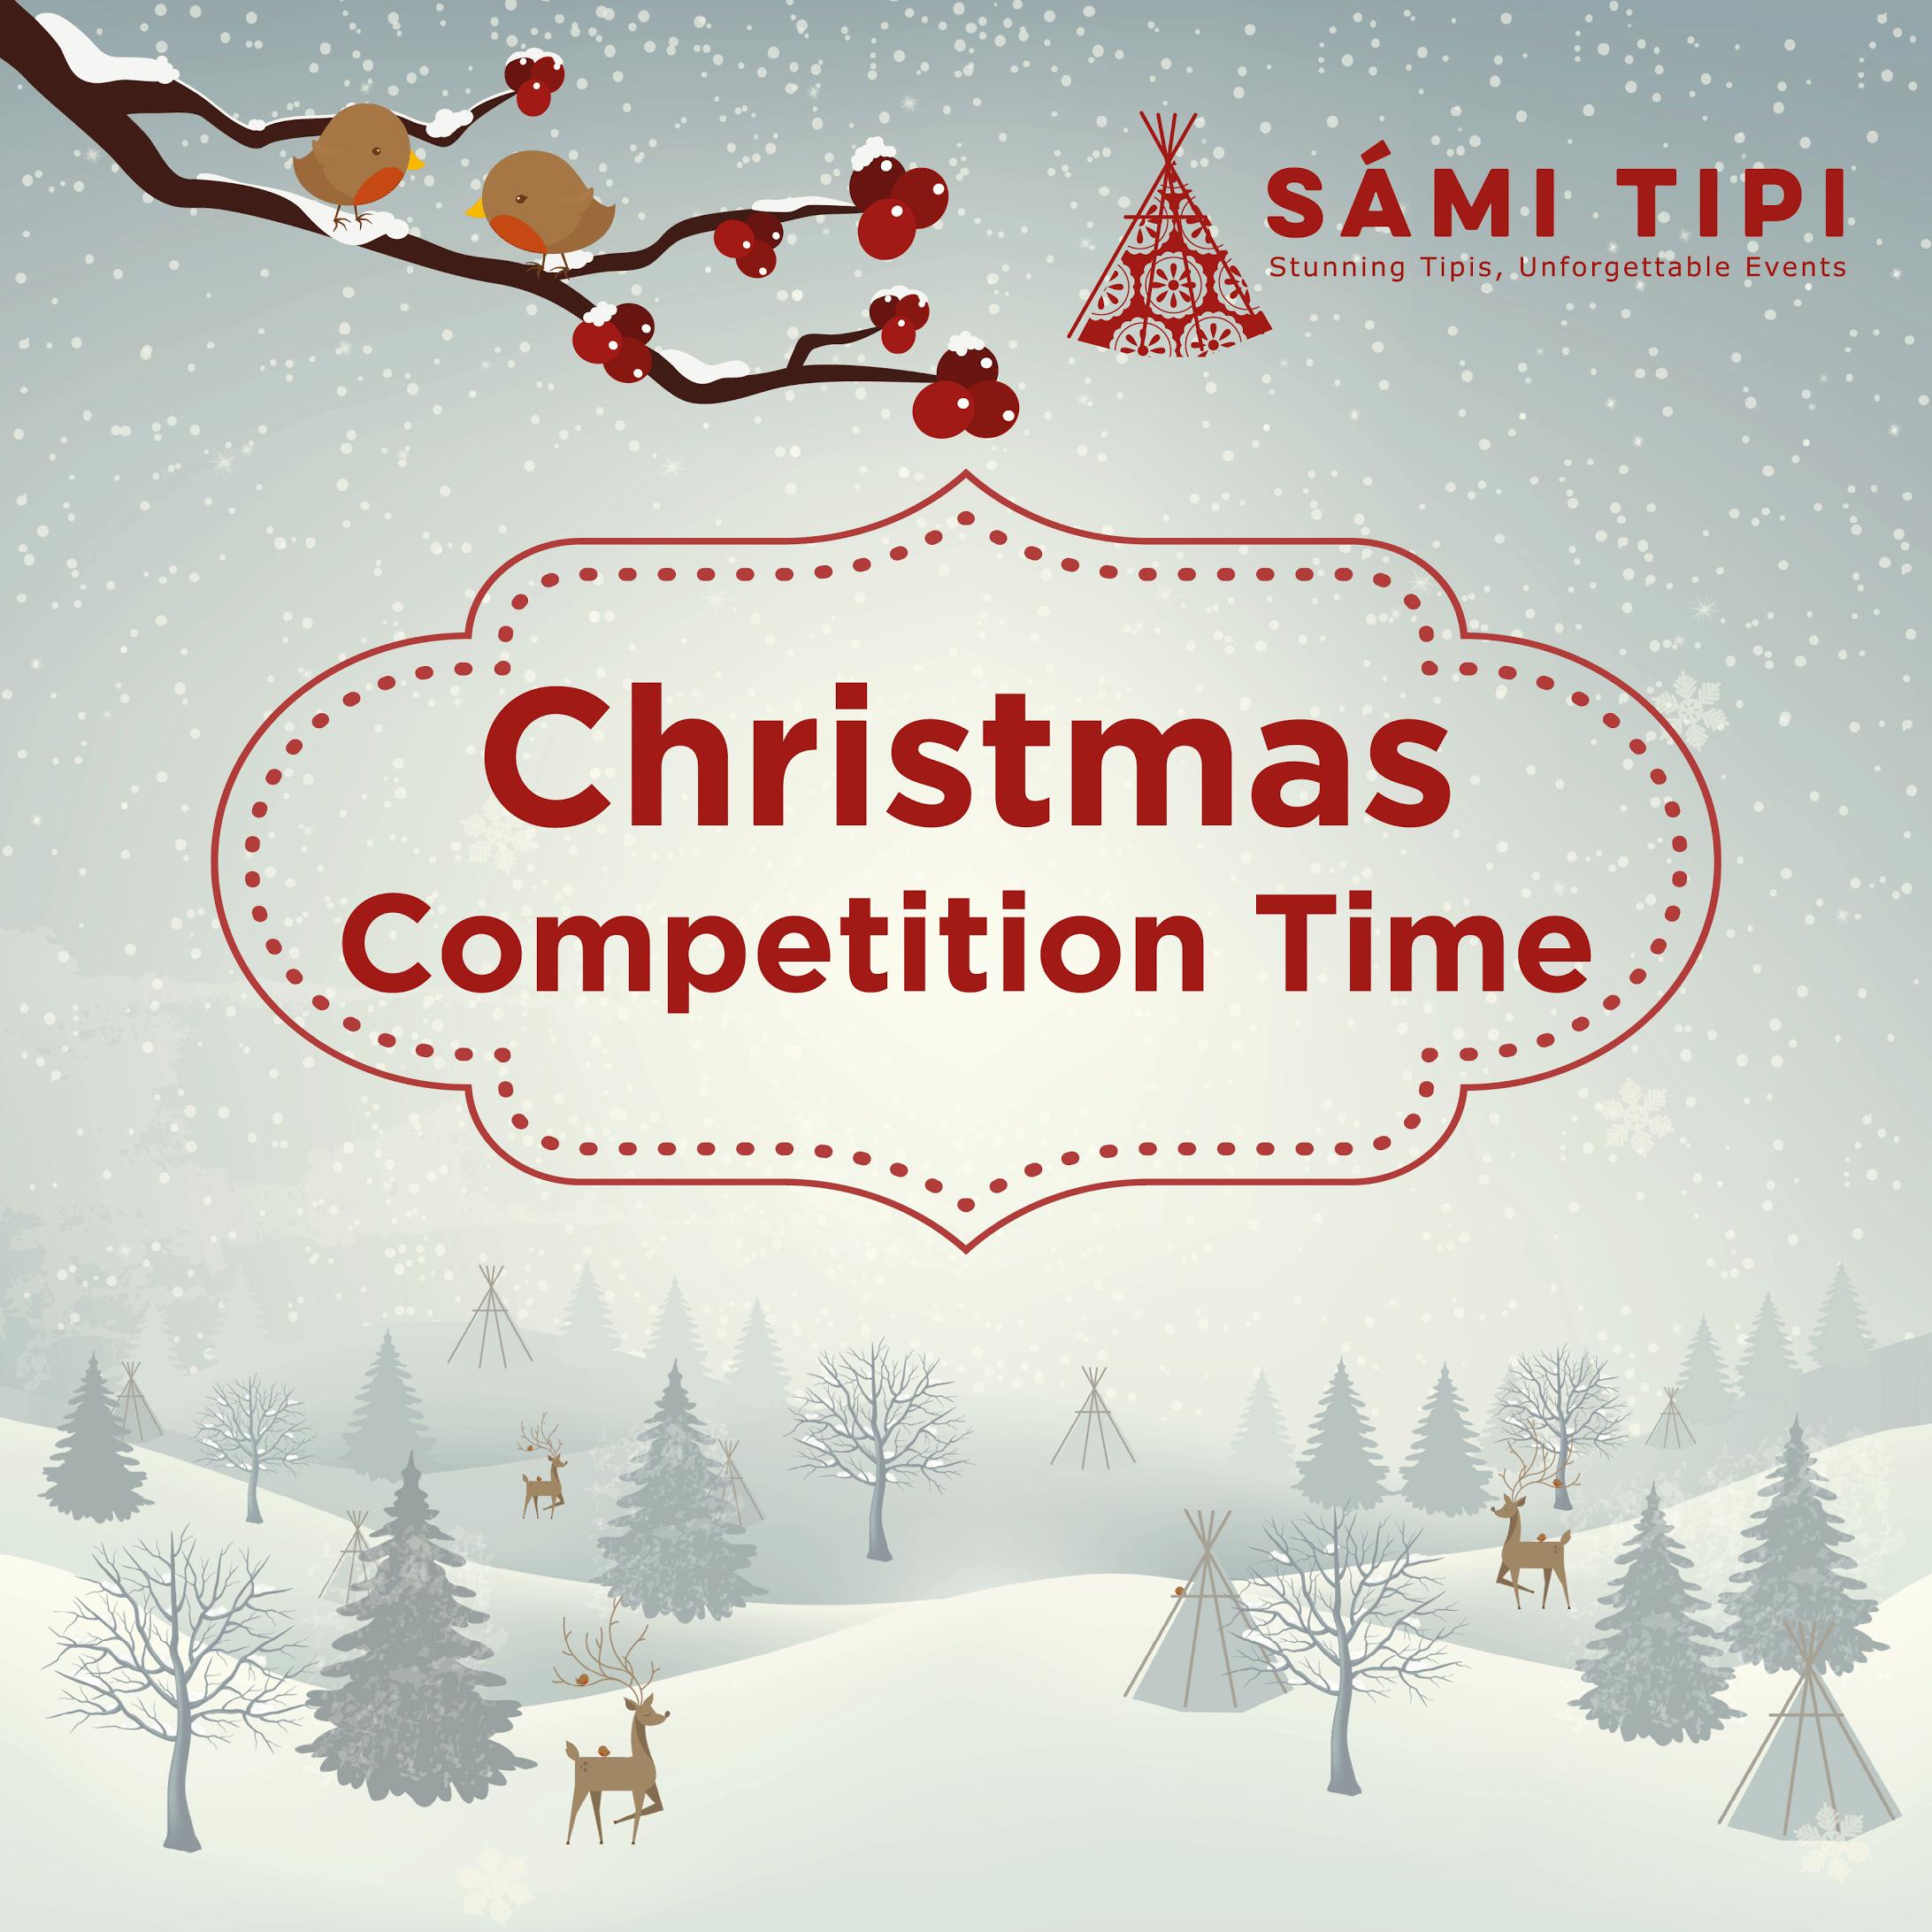 Sami Tipi Christmas Competition